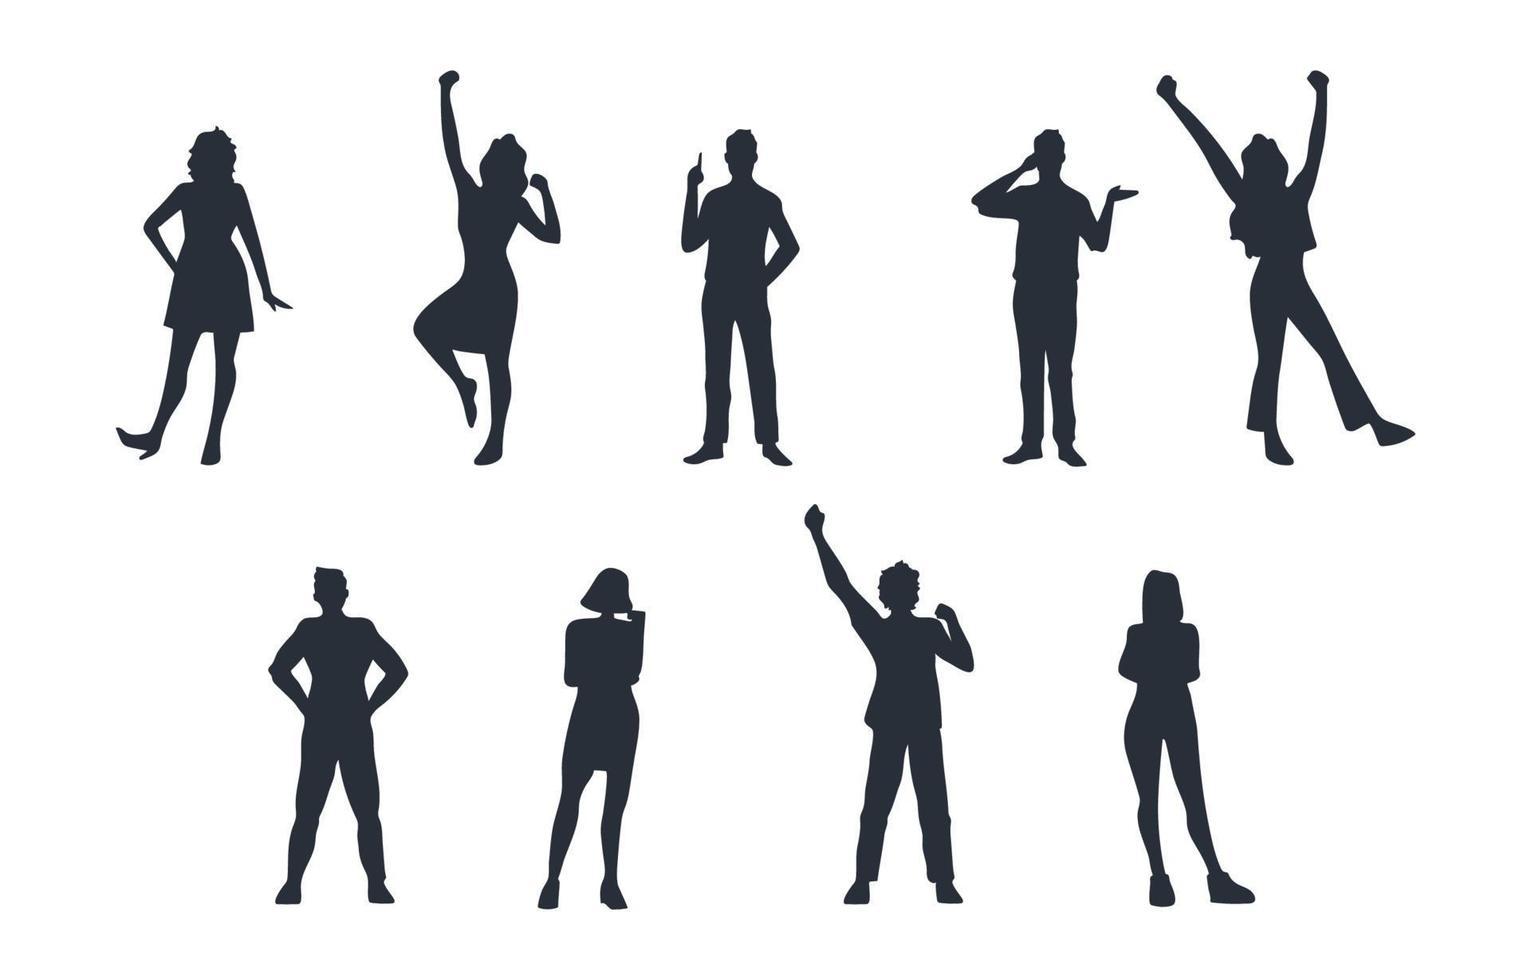 algemene volwassen mensen silhouet set vector